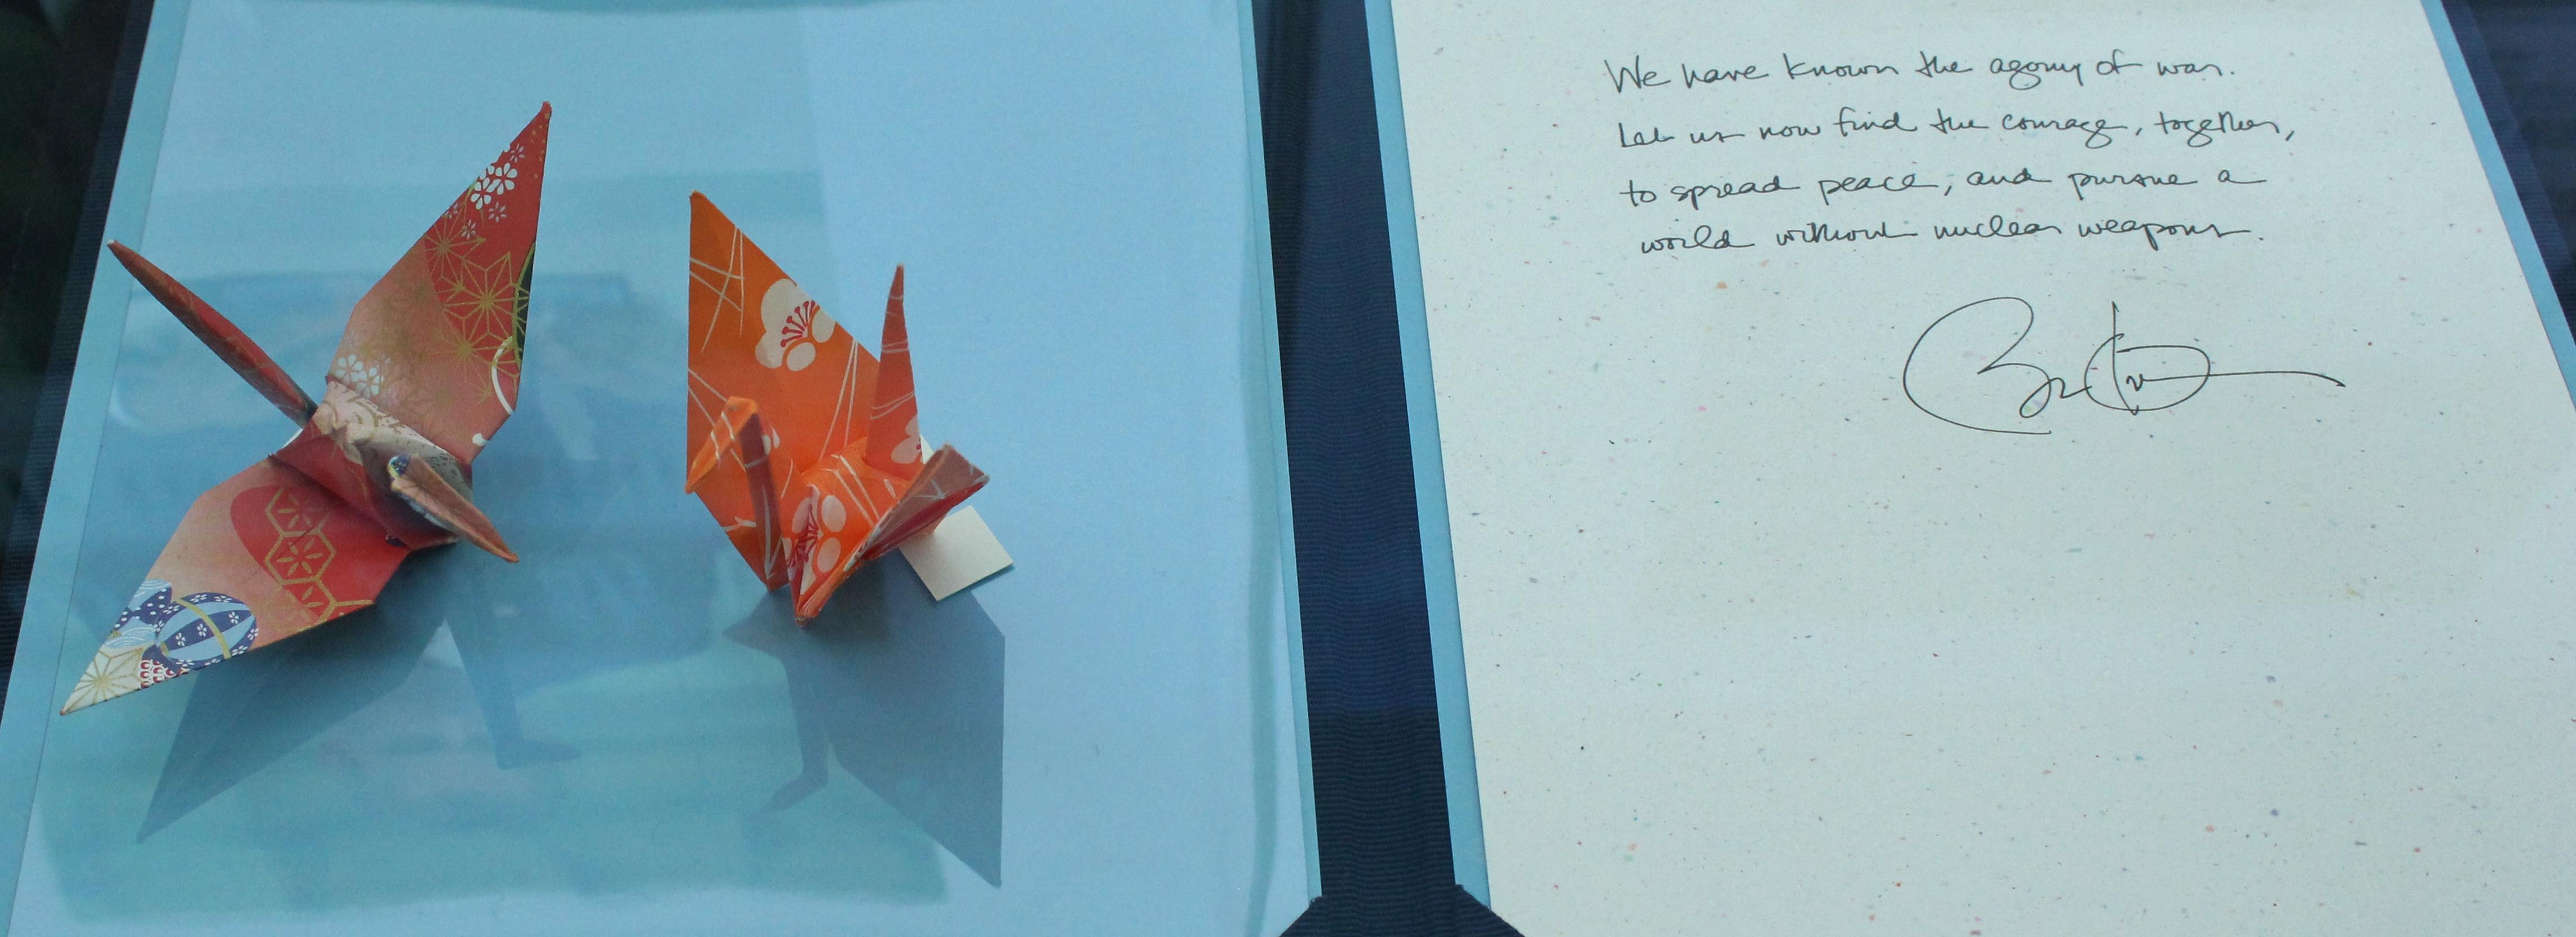 この5月にオバマ大統領が広島平和記念資料館を訪問した際に寄贈した自ら折った折り鶴と寄せられたメッセージ